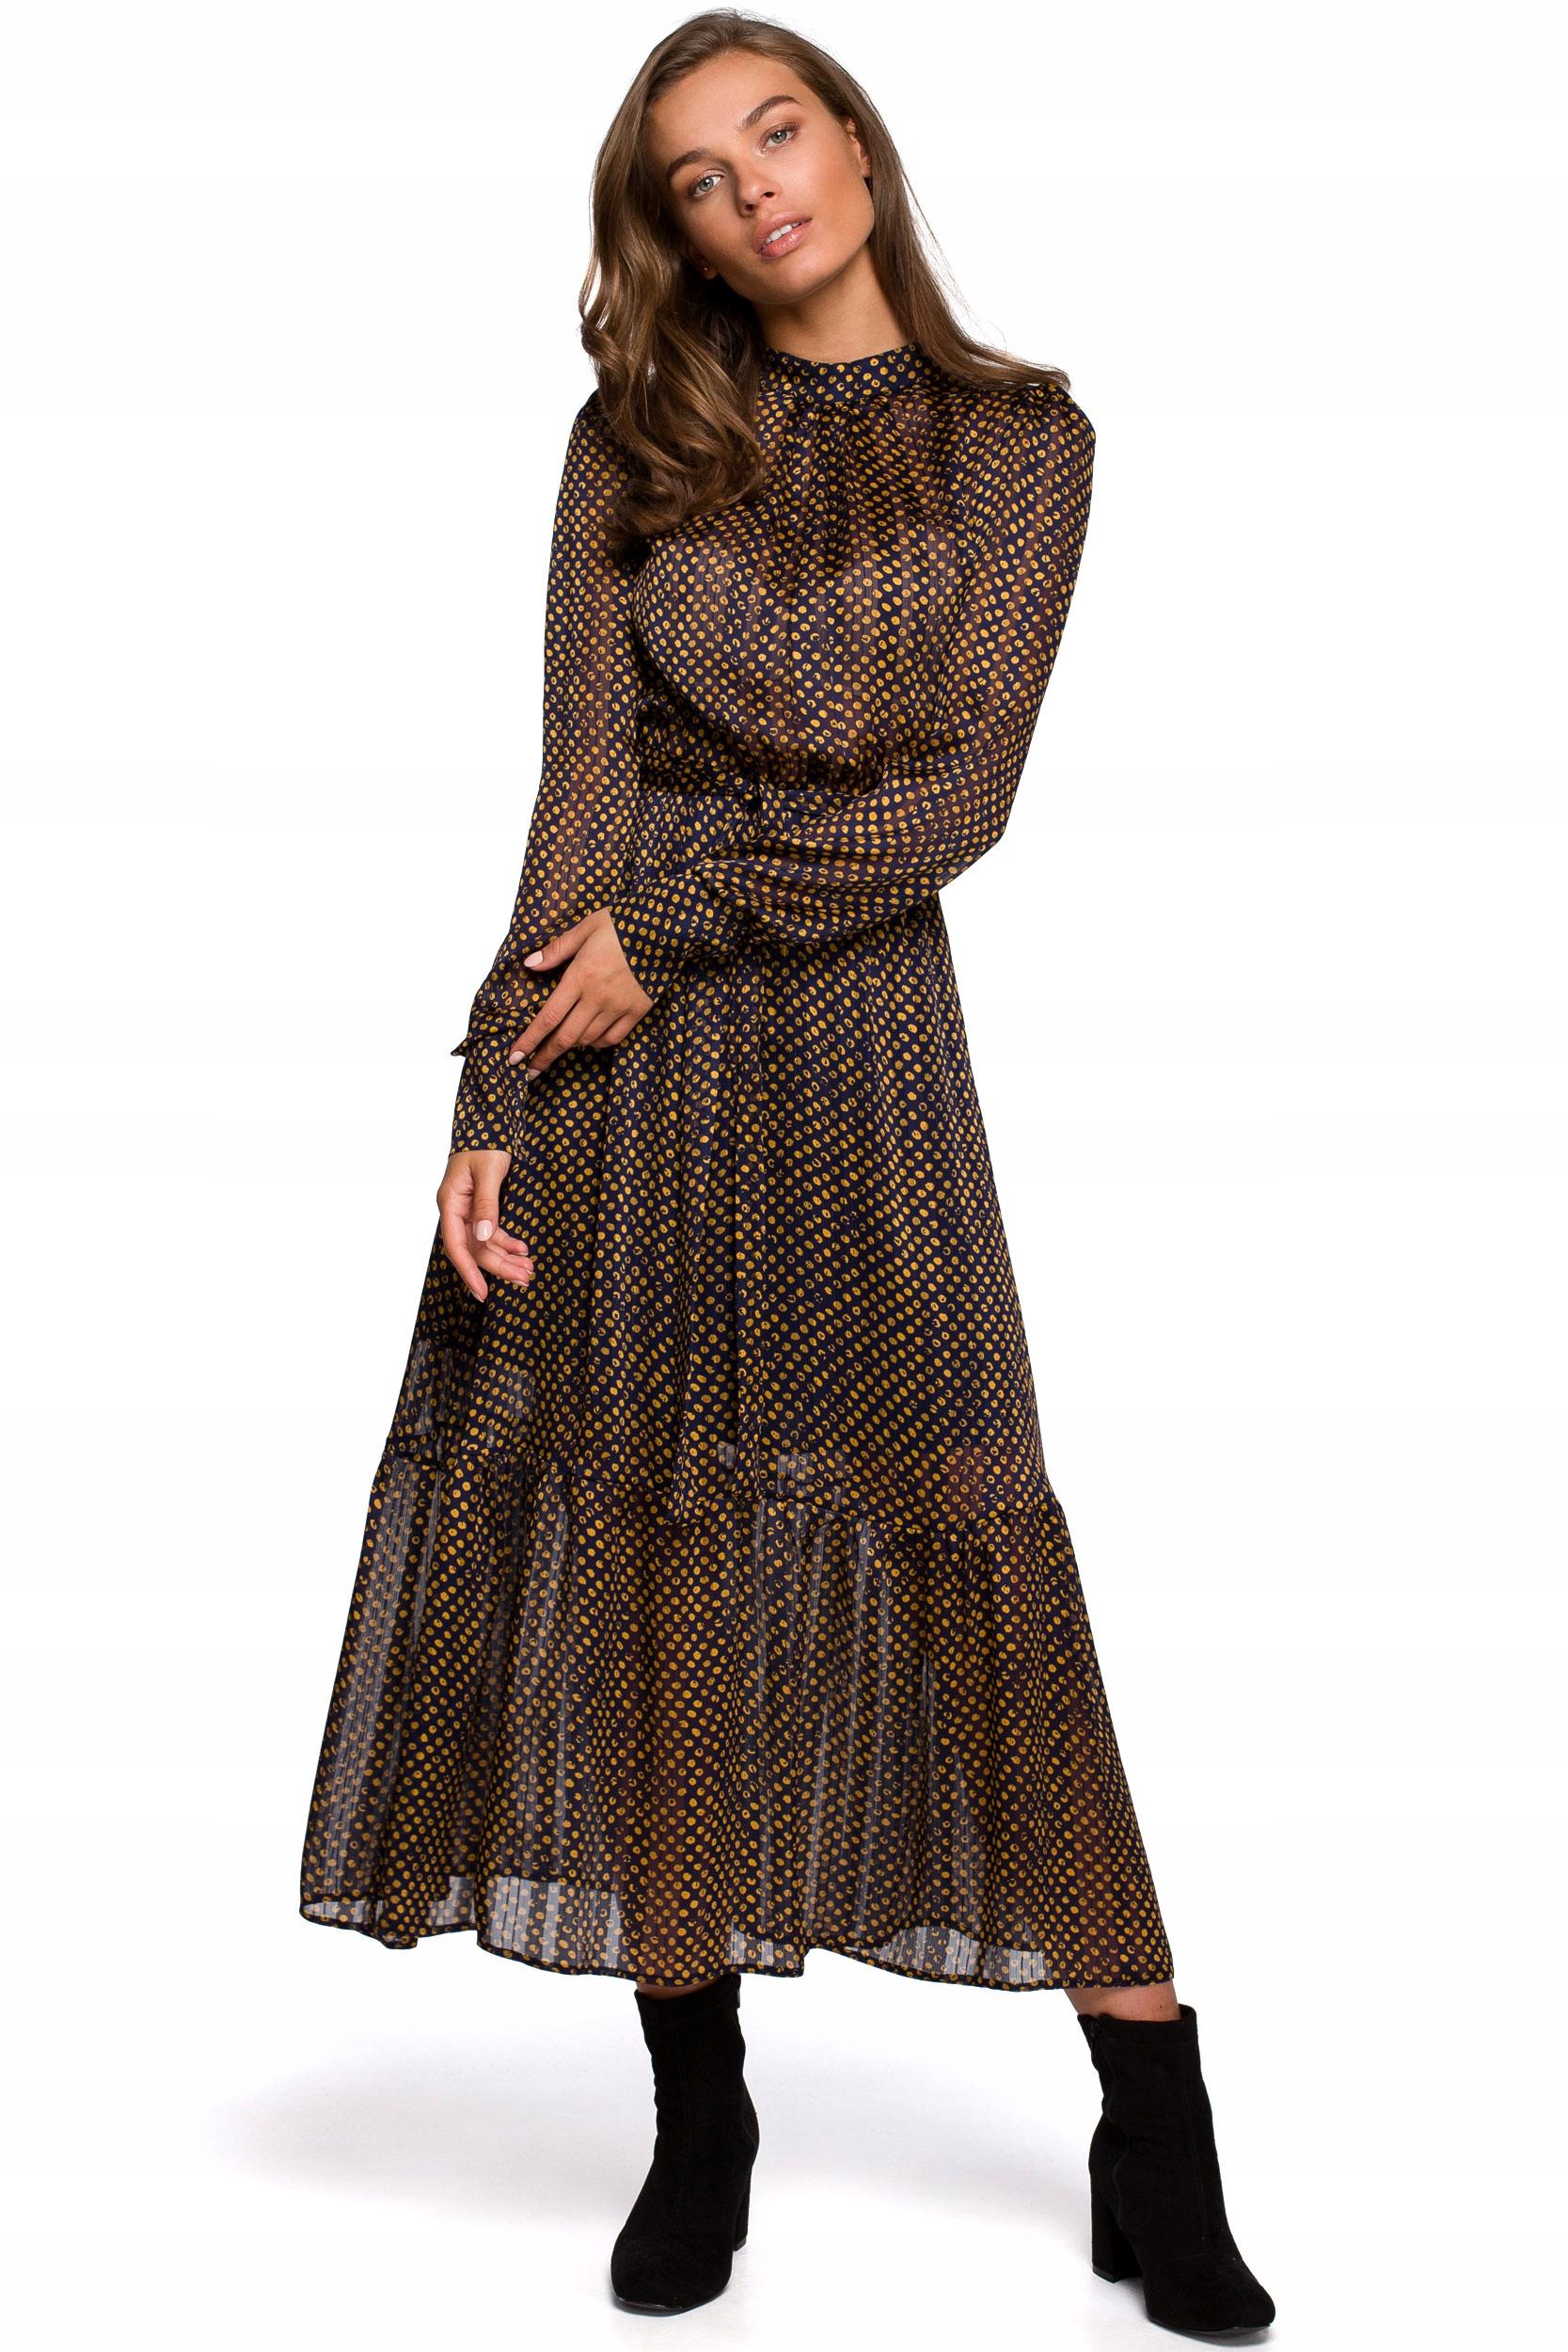 S238 Sukienka midi szyfonowa w groszki - model 3 3